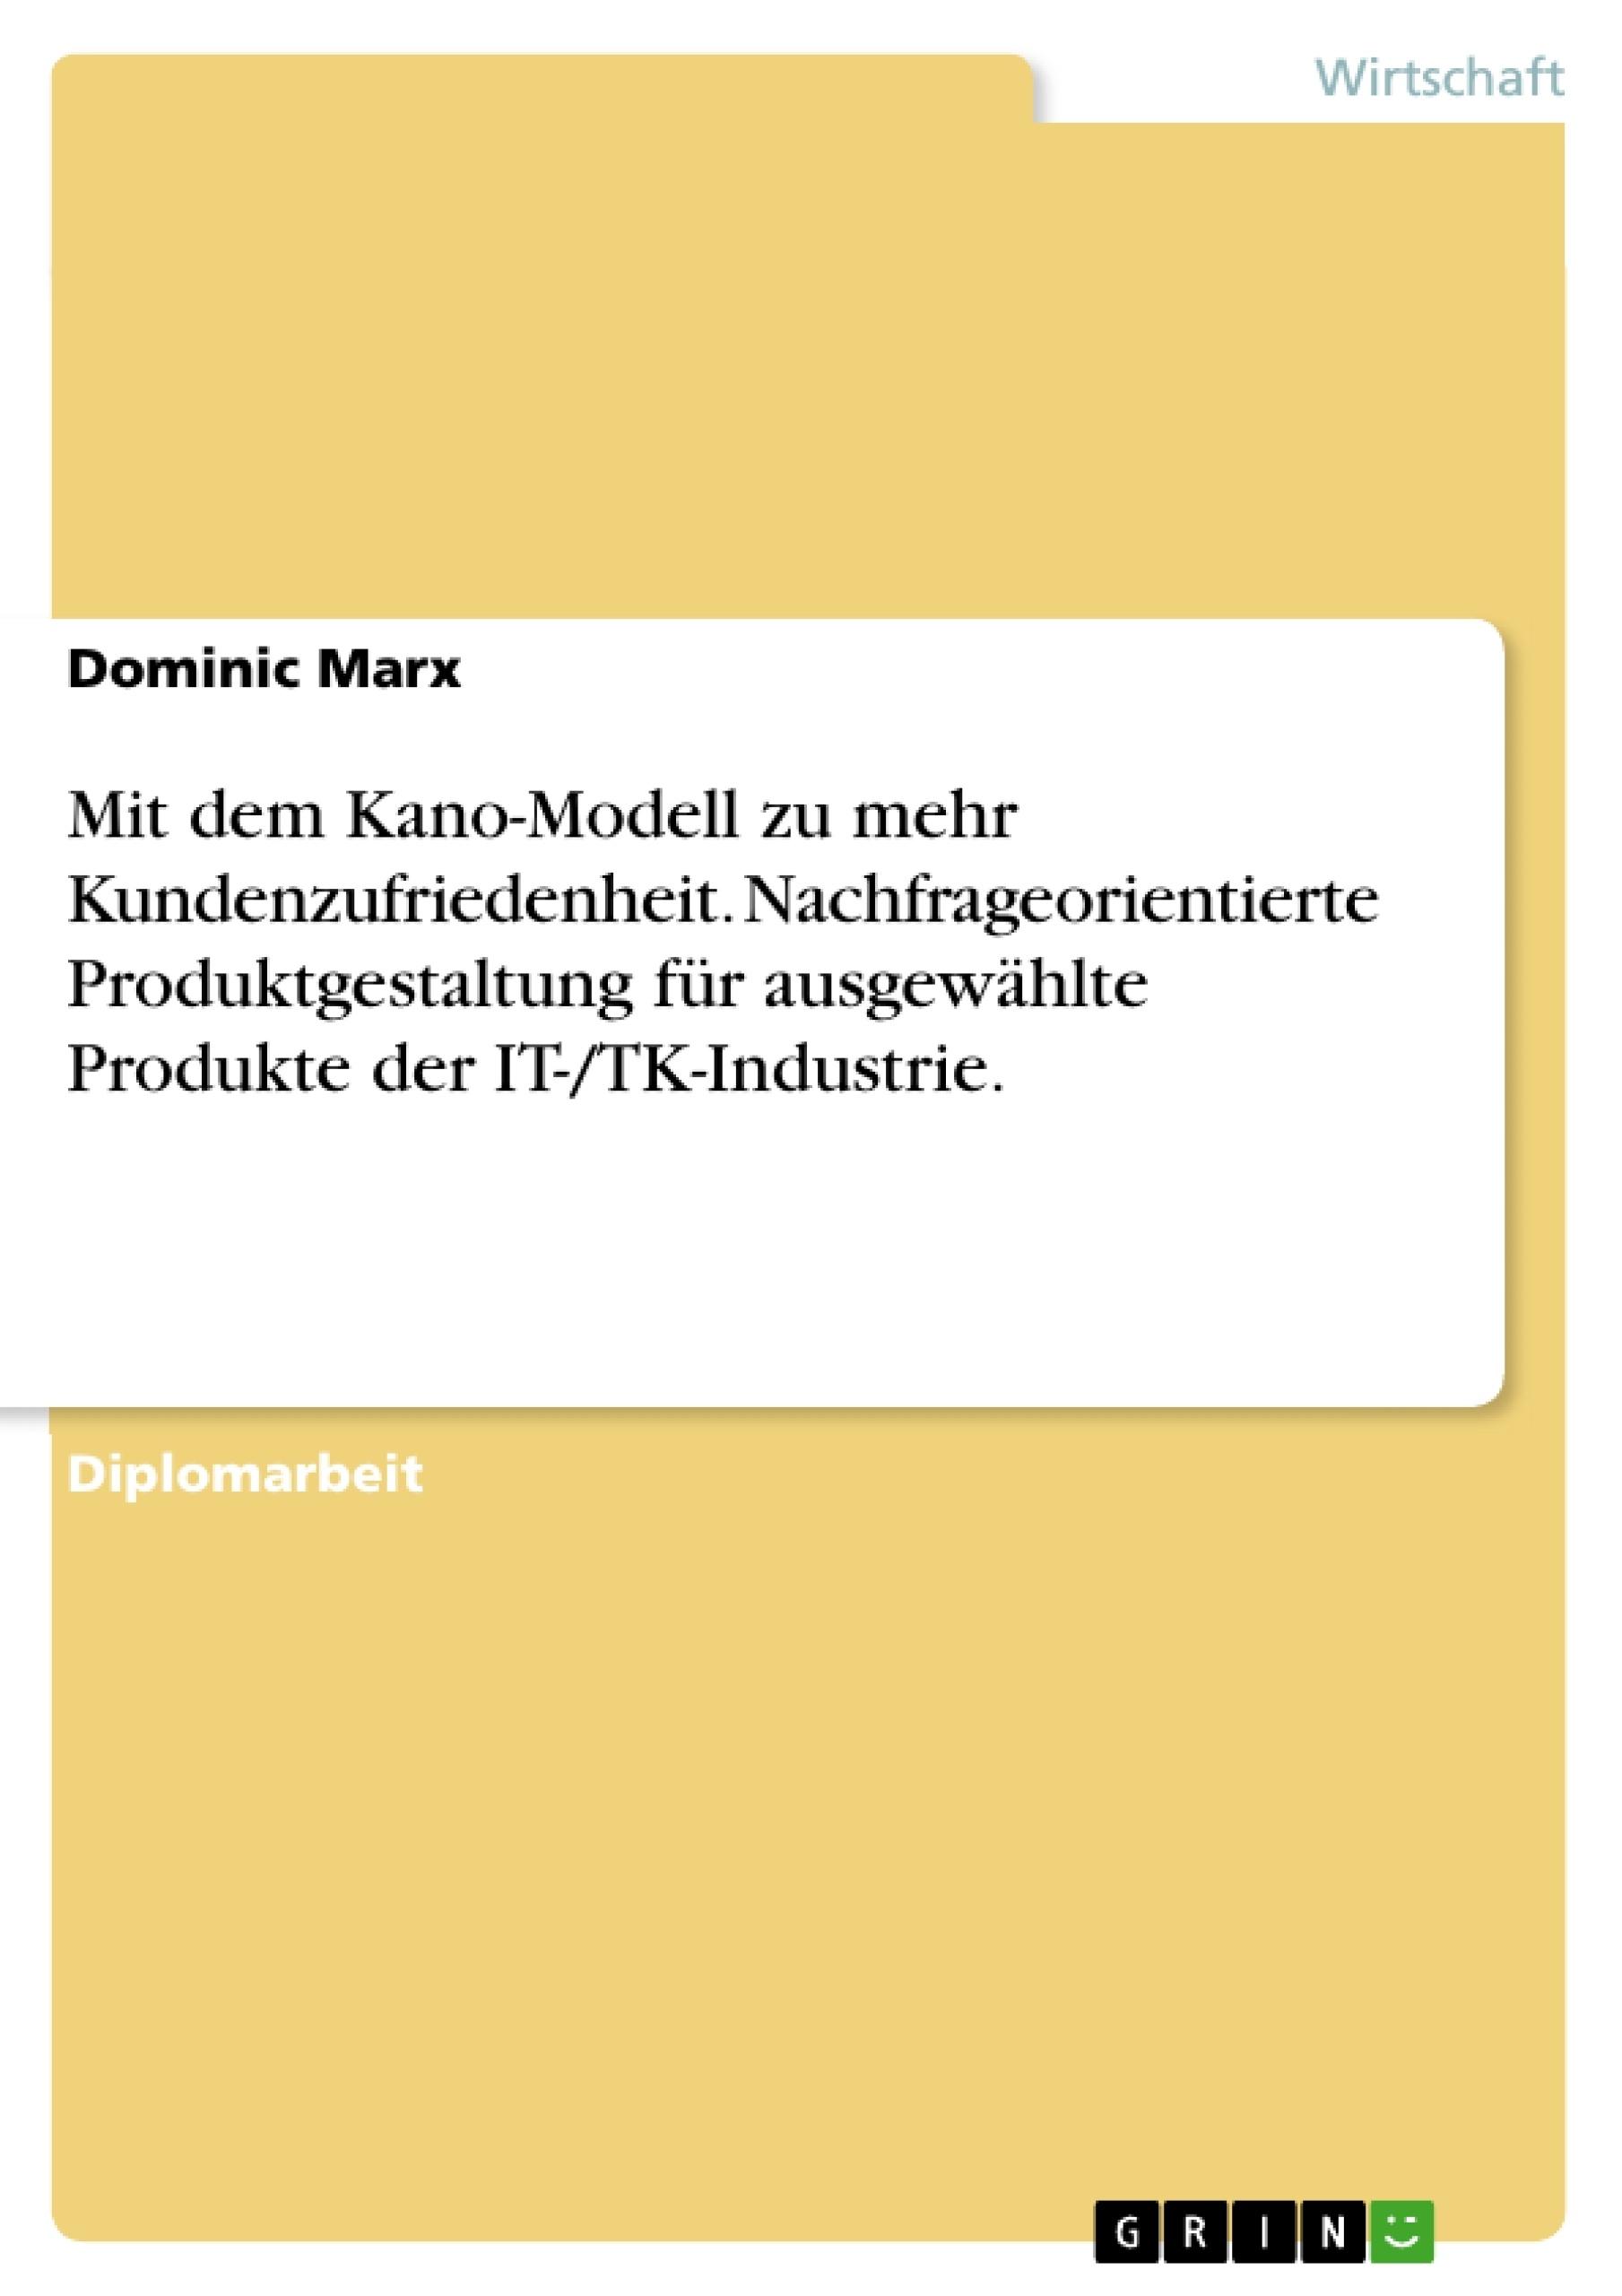 Titel: Mit dem Kano-Modell zu mehr Kundenzufriedenheit. Nachfrageorientierte Produktgestaltung für ausgewählte Produkte der IT-/TK-Industrie.